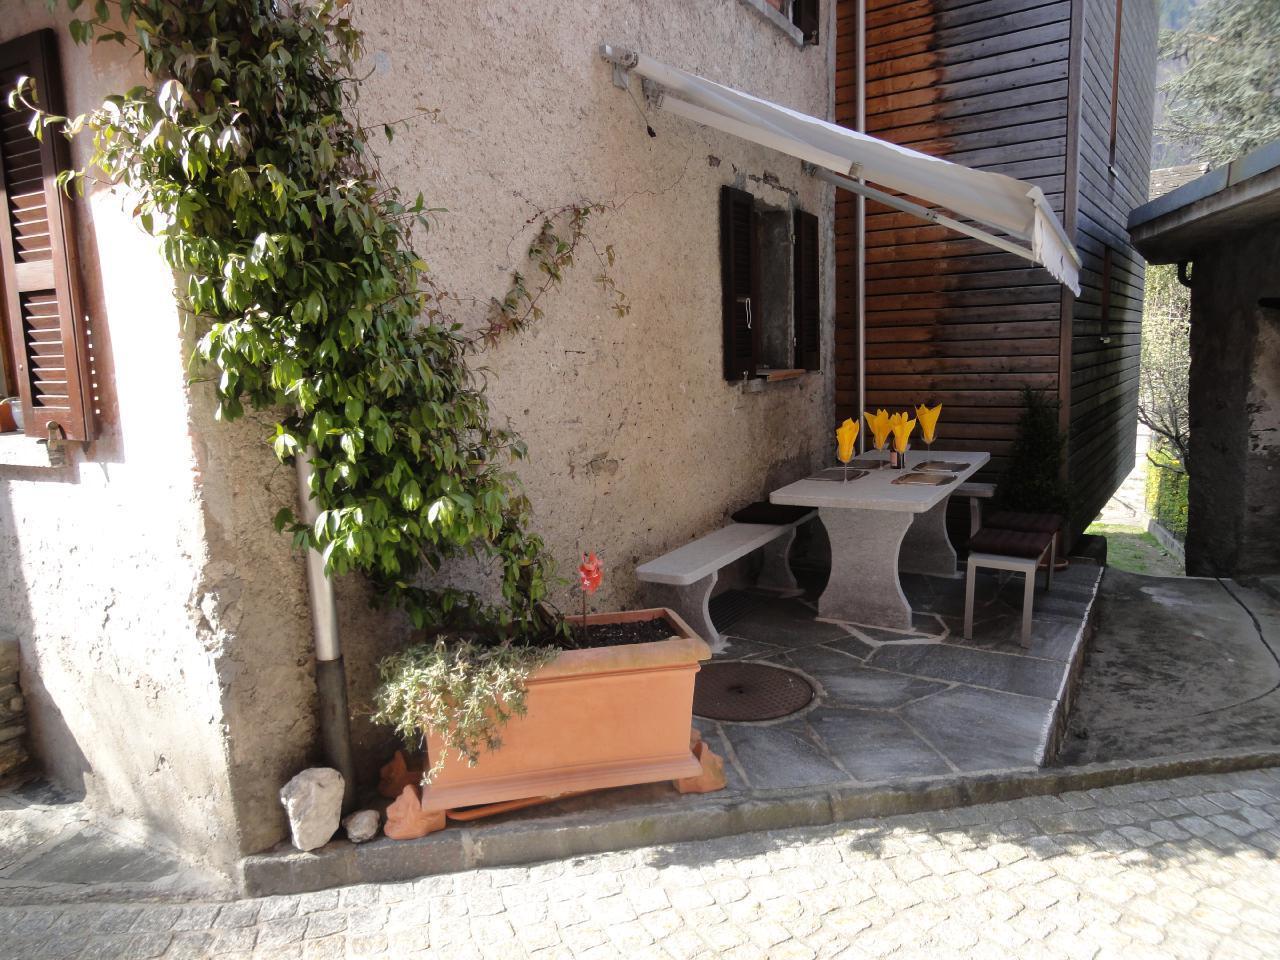 Maison de vacances Rustico im Dorfkern von Dongio (628705), Dongio, Vallée de Blenio, Tessin, Suisse, image 14